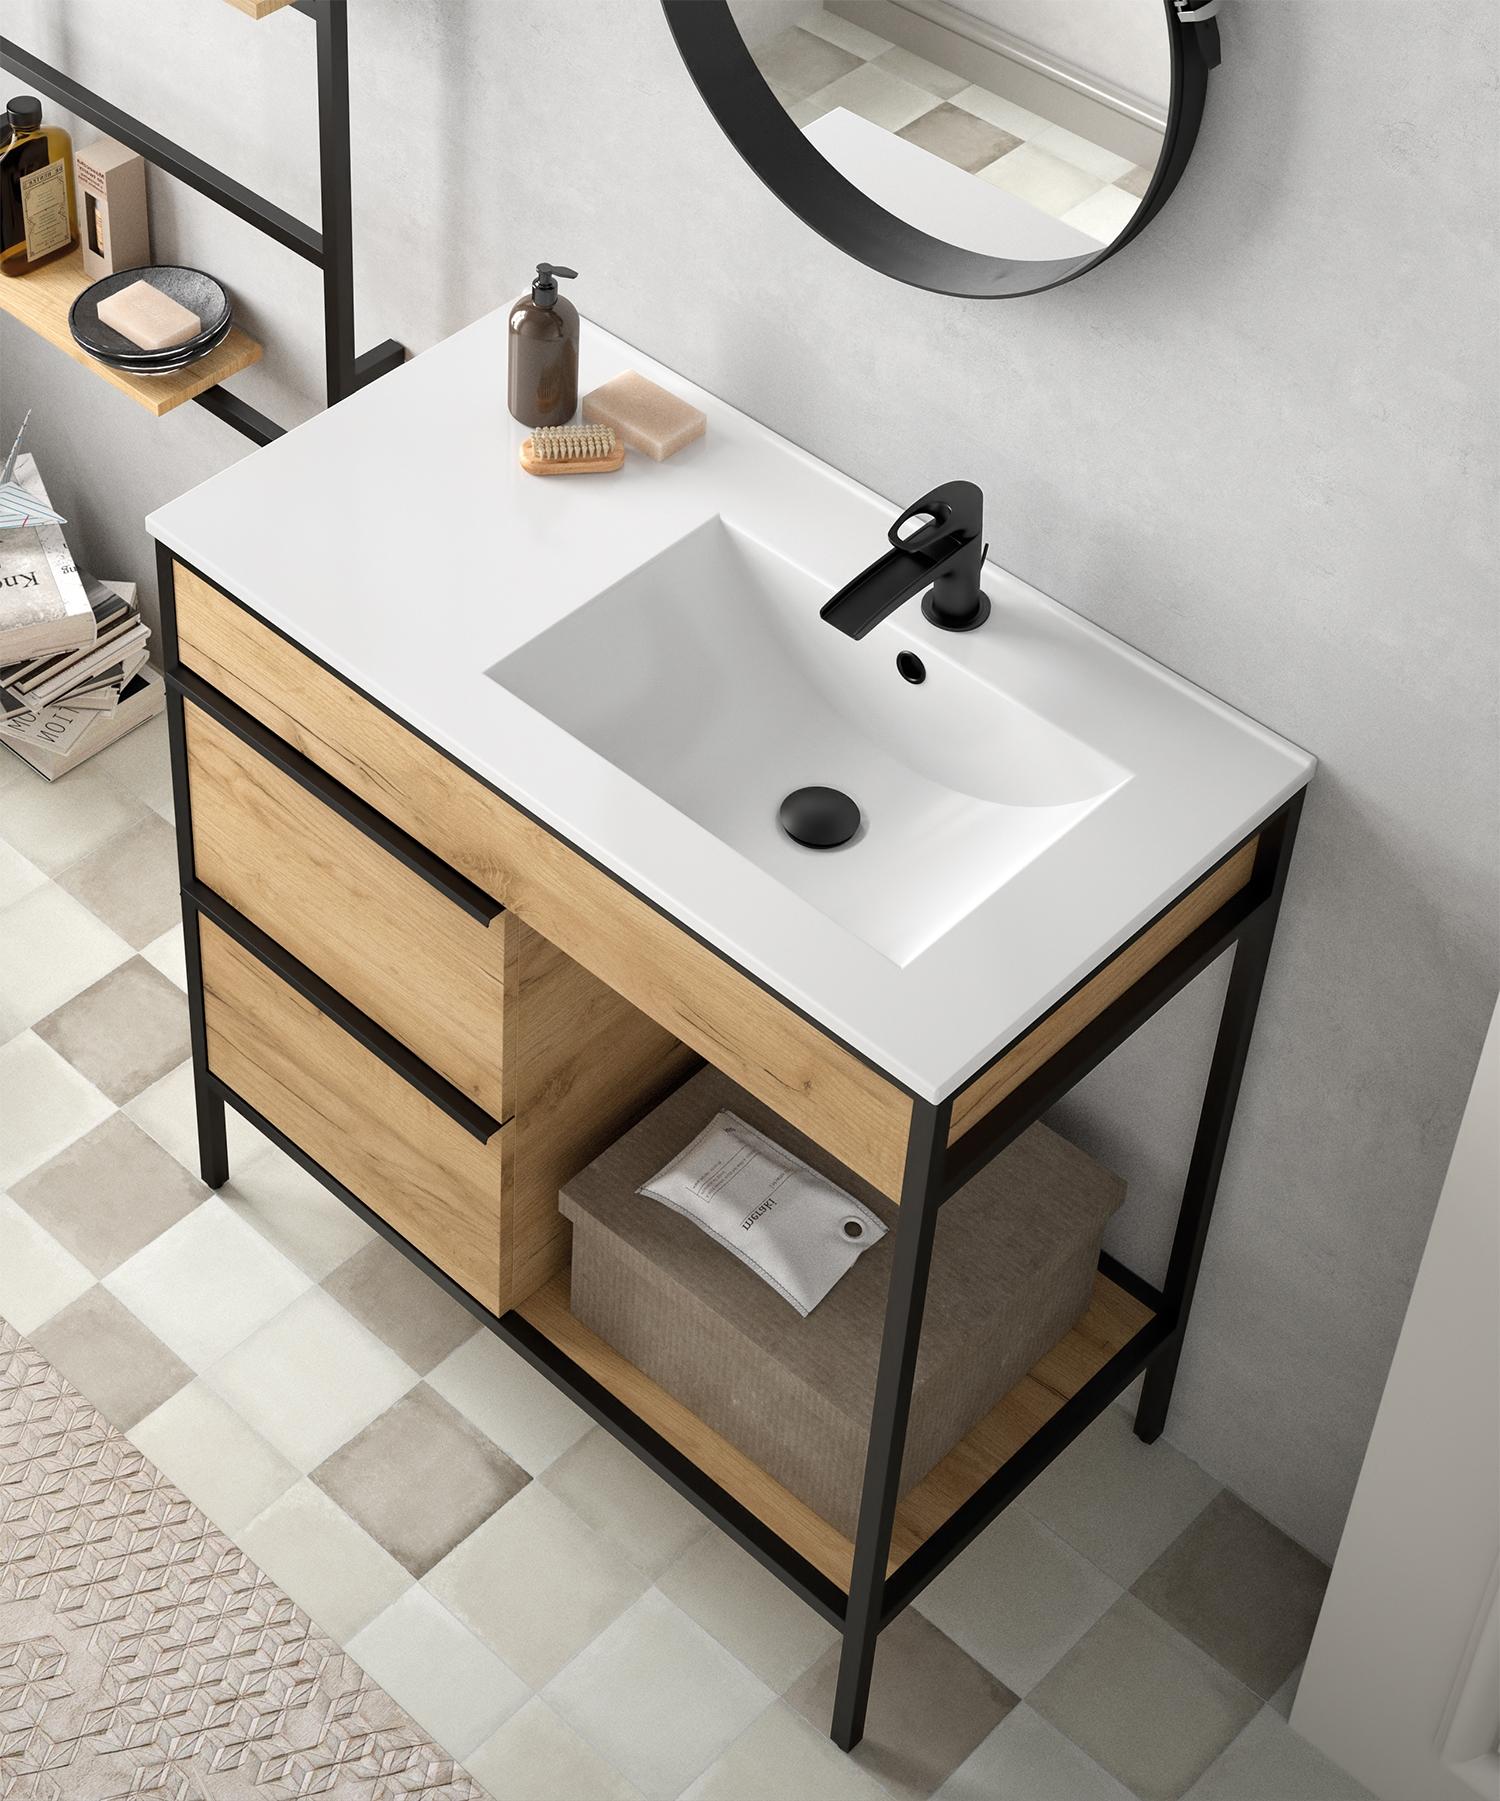 Muebles Davinci 120cm badkamermeubel met geintegreerde wastafel rechts